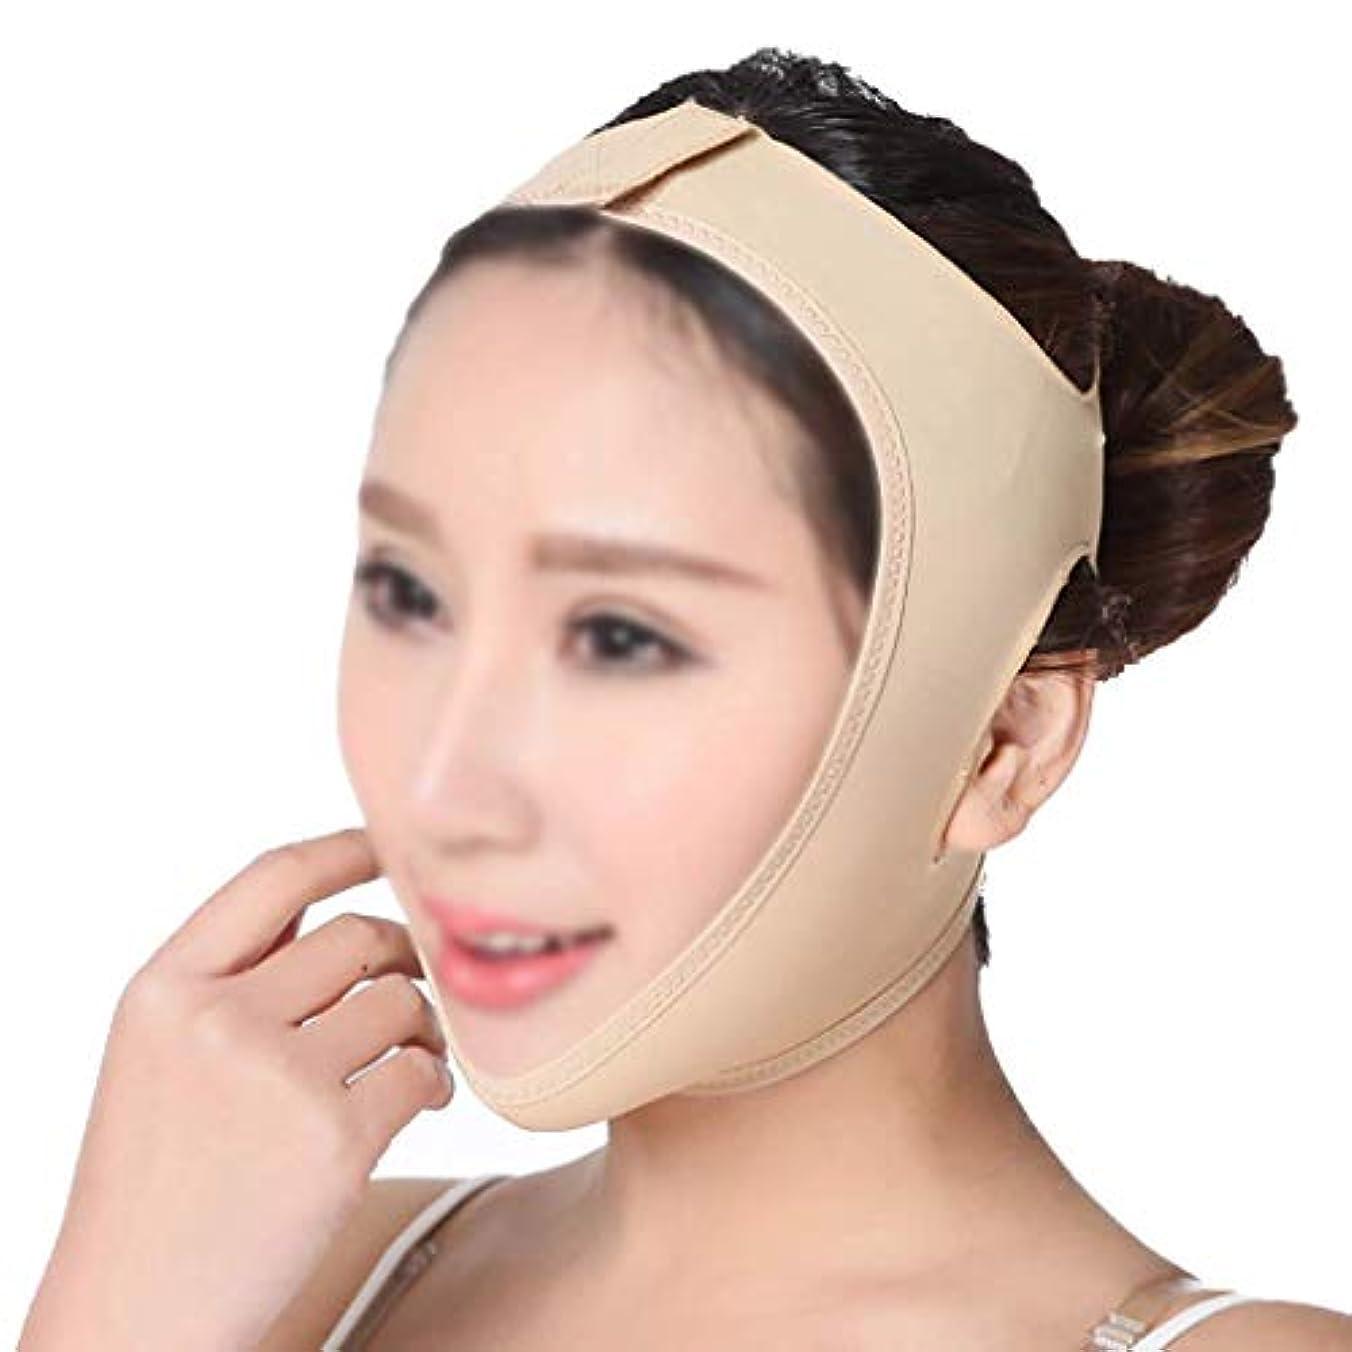 分注するおもしろい修正する包帯Vフェイス楽器フェイスマスクアーチファクトフェイスリフト引き締めエッセンス通気性肌の色送信マッサージホイール(サイズ:XL)